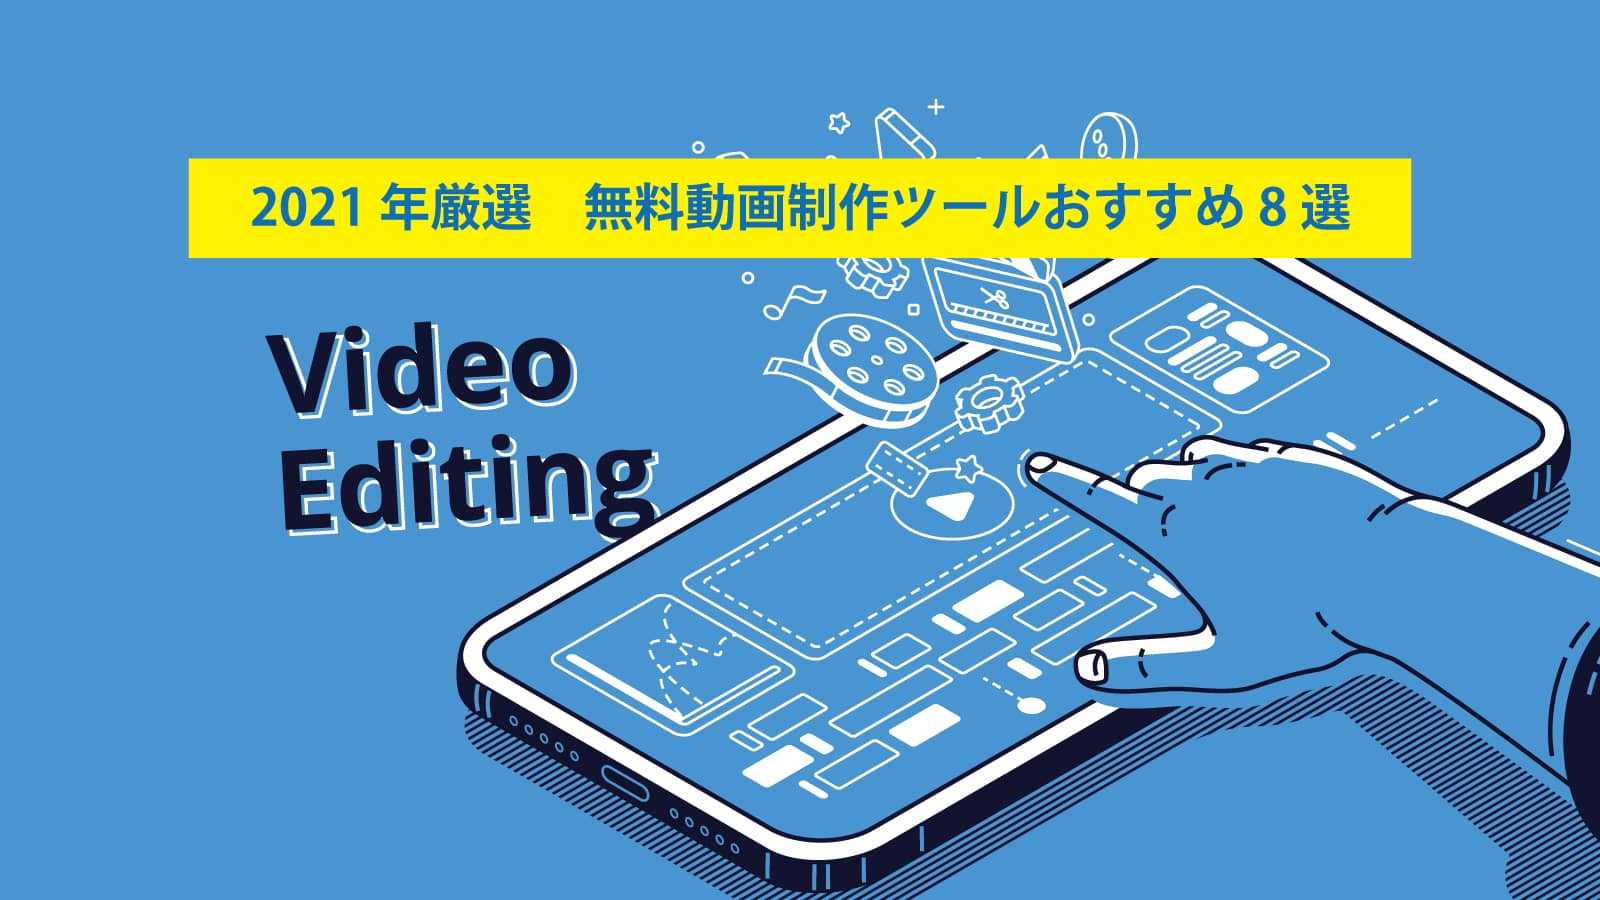 【2021年厳選】無料動画制作ツールおすすめ8選